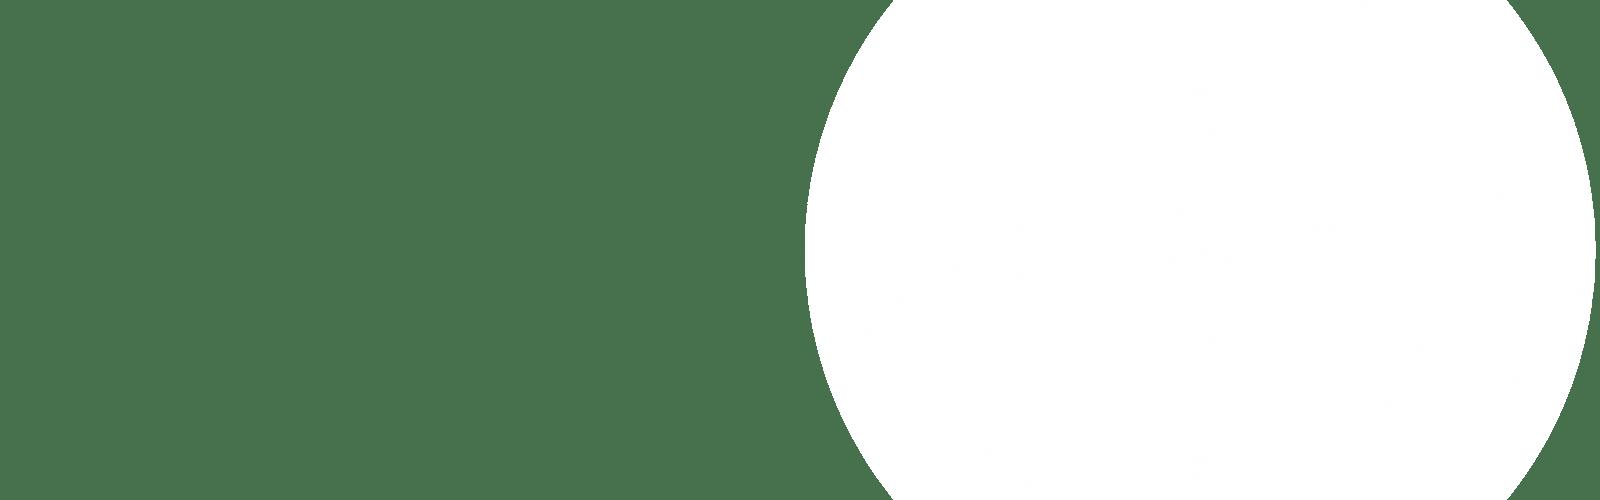 emu header